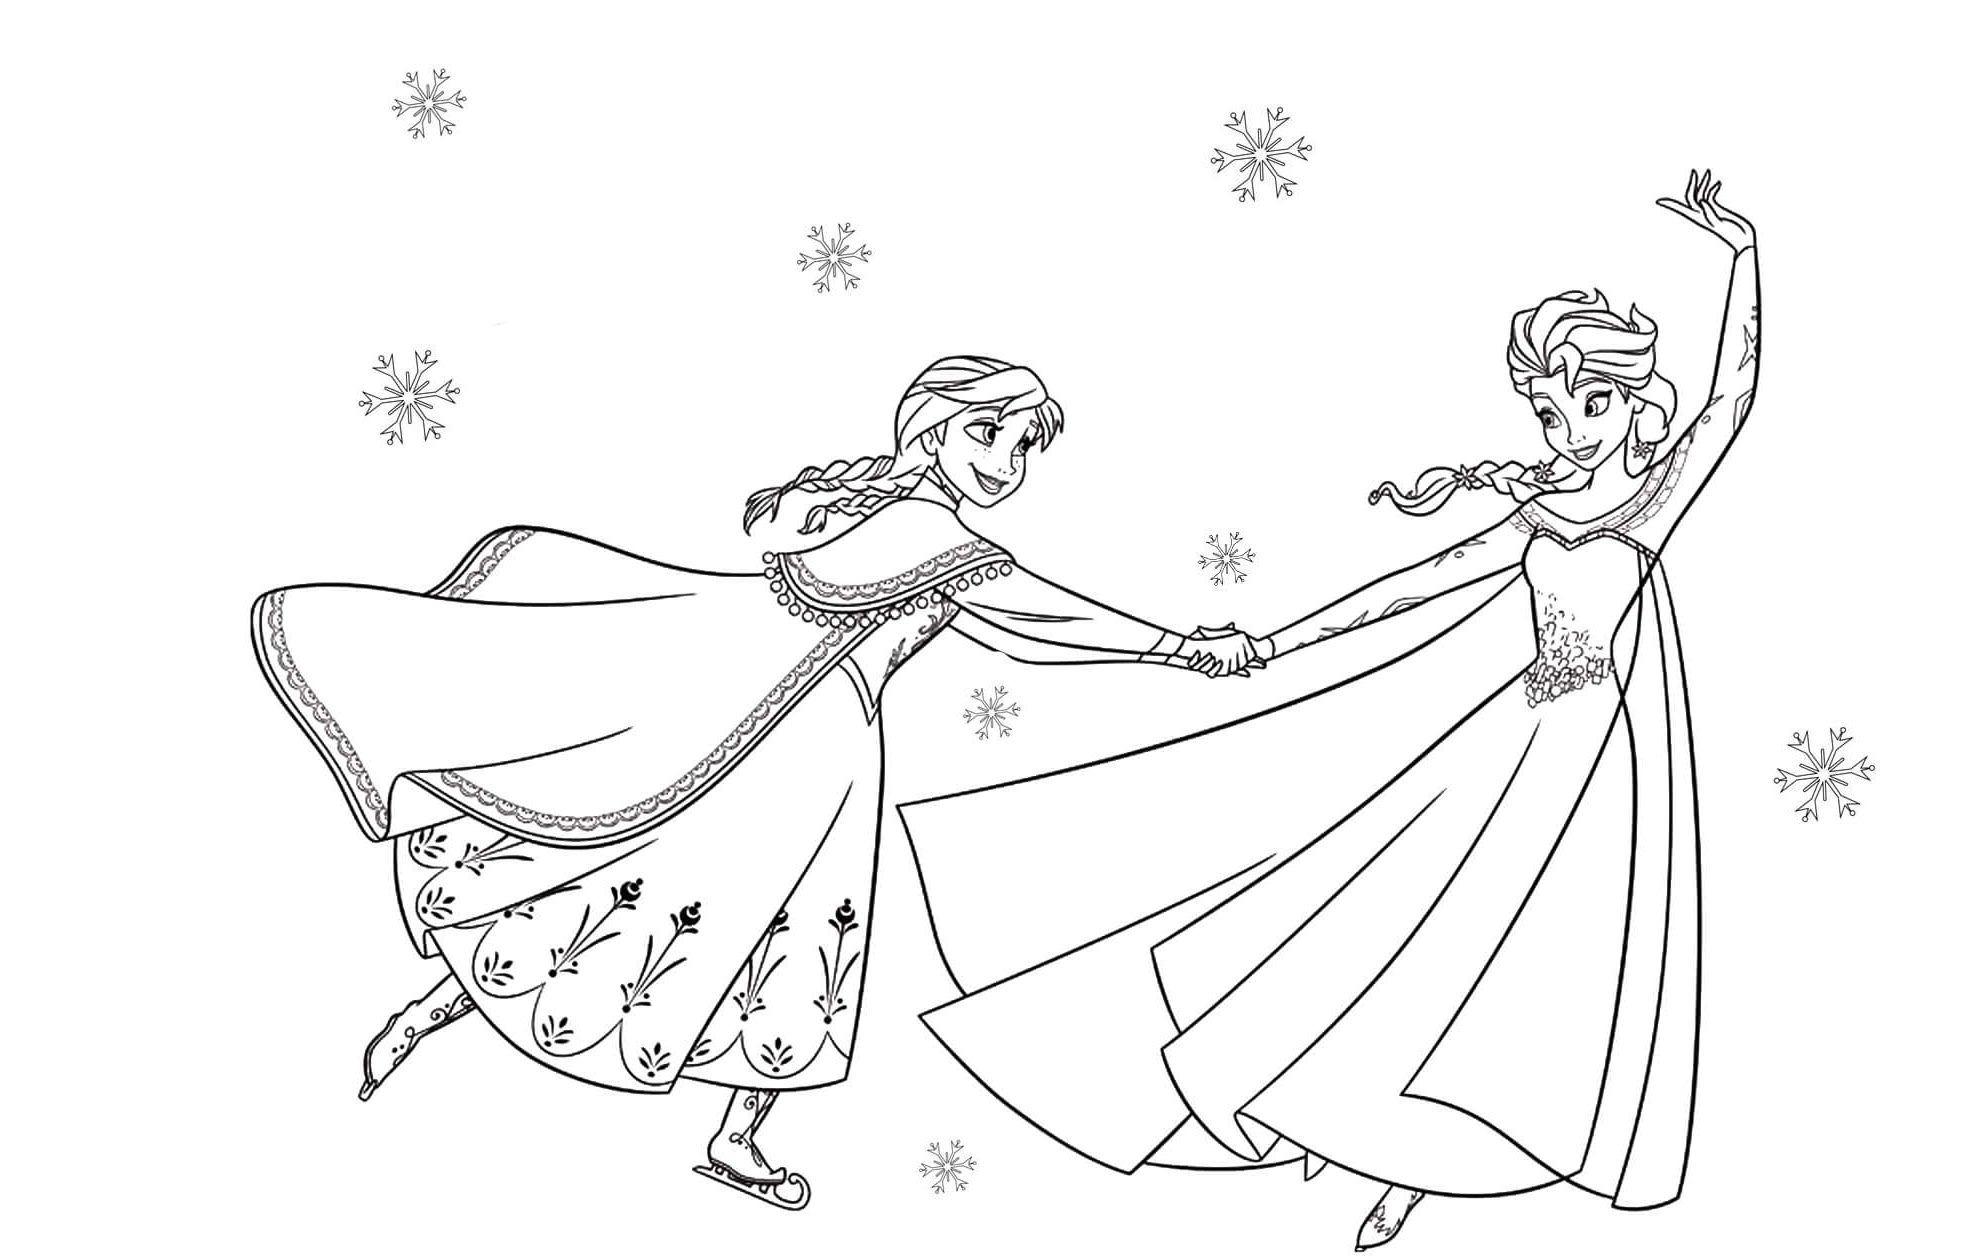 13 Beste Ausmalbilder Elsa Zum Ausdrucken Kostenlos (Mit bestimmt für Anna Und Elsa Ausmalbilder